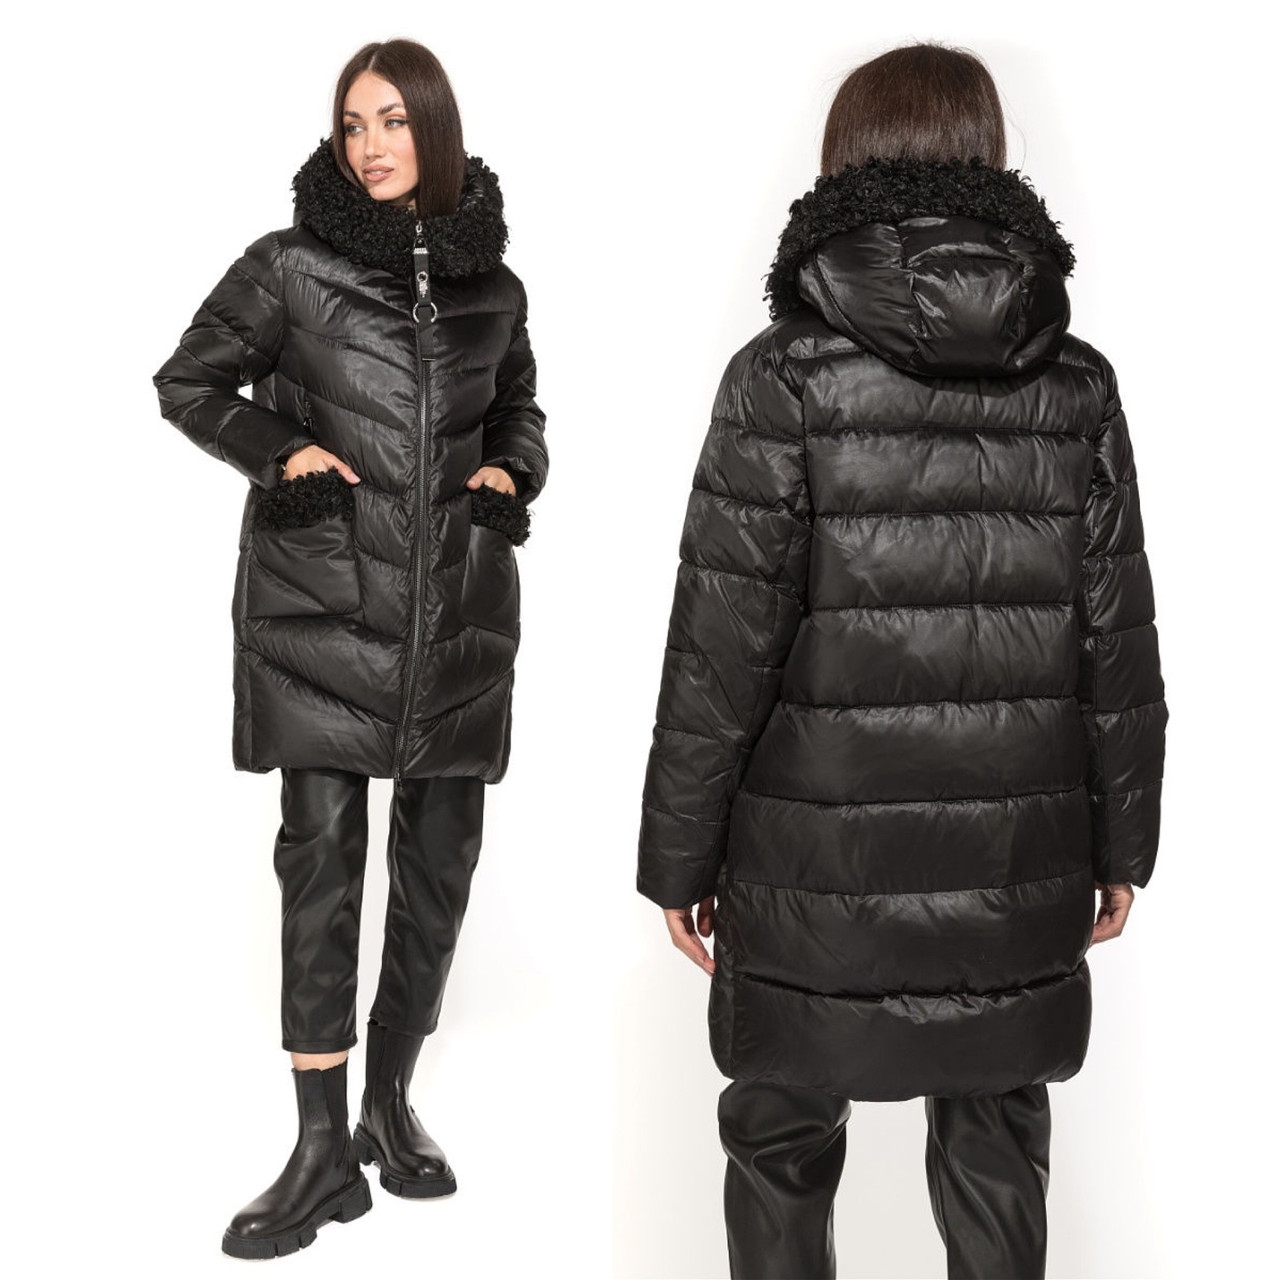 Зимова Жіноча Куртка Пуховик з хутром на кишенях Visdeer 🇨🇳Фабричний Китай Розмір 48/50